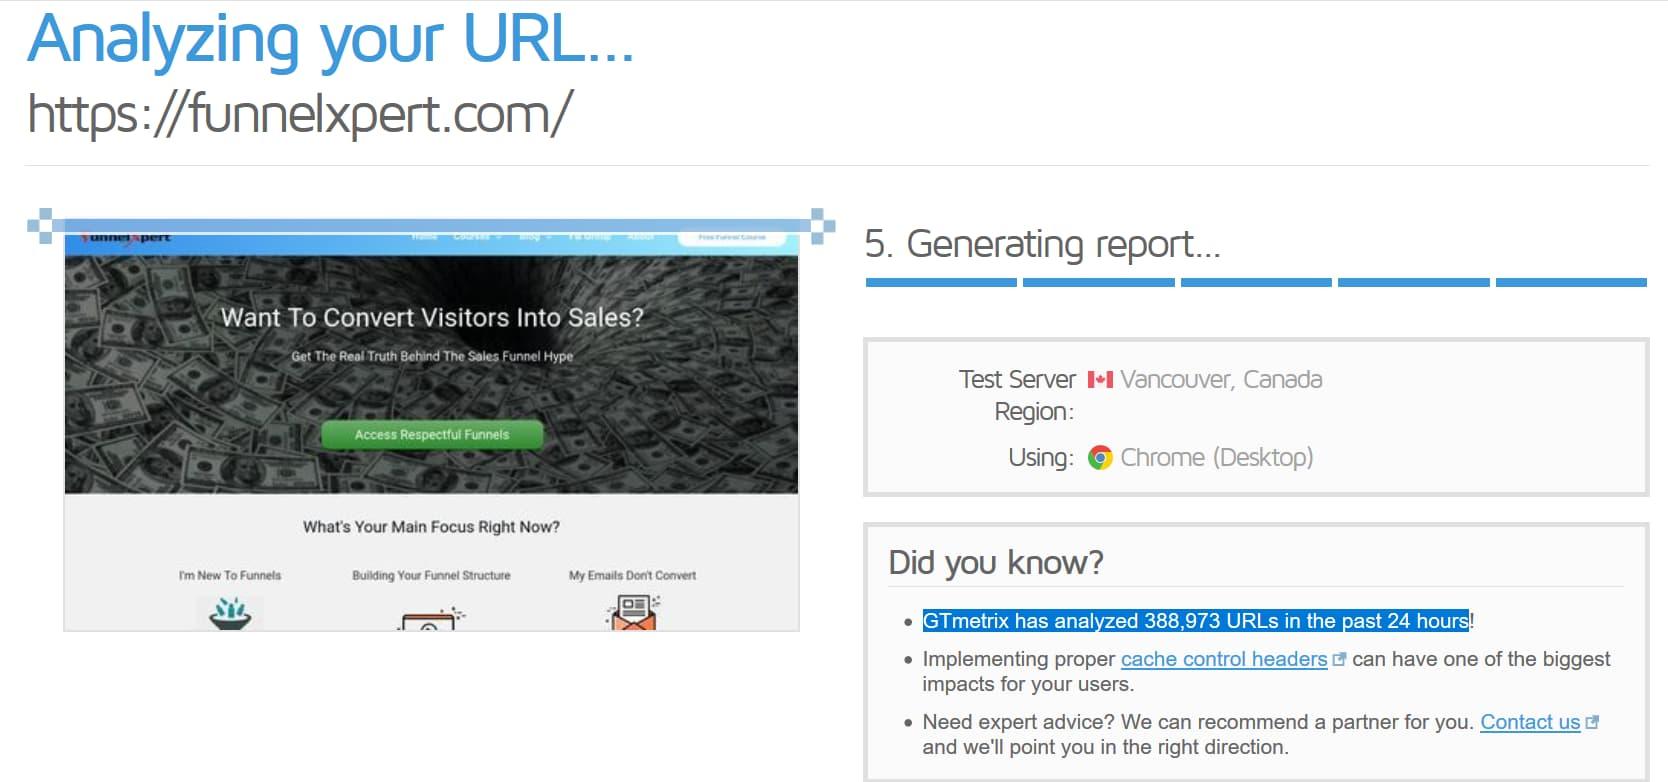 GTMetrix number of URLs analyzed